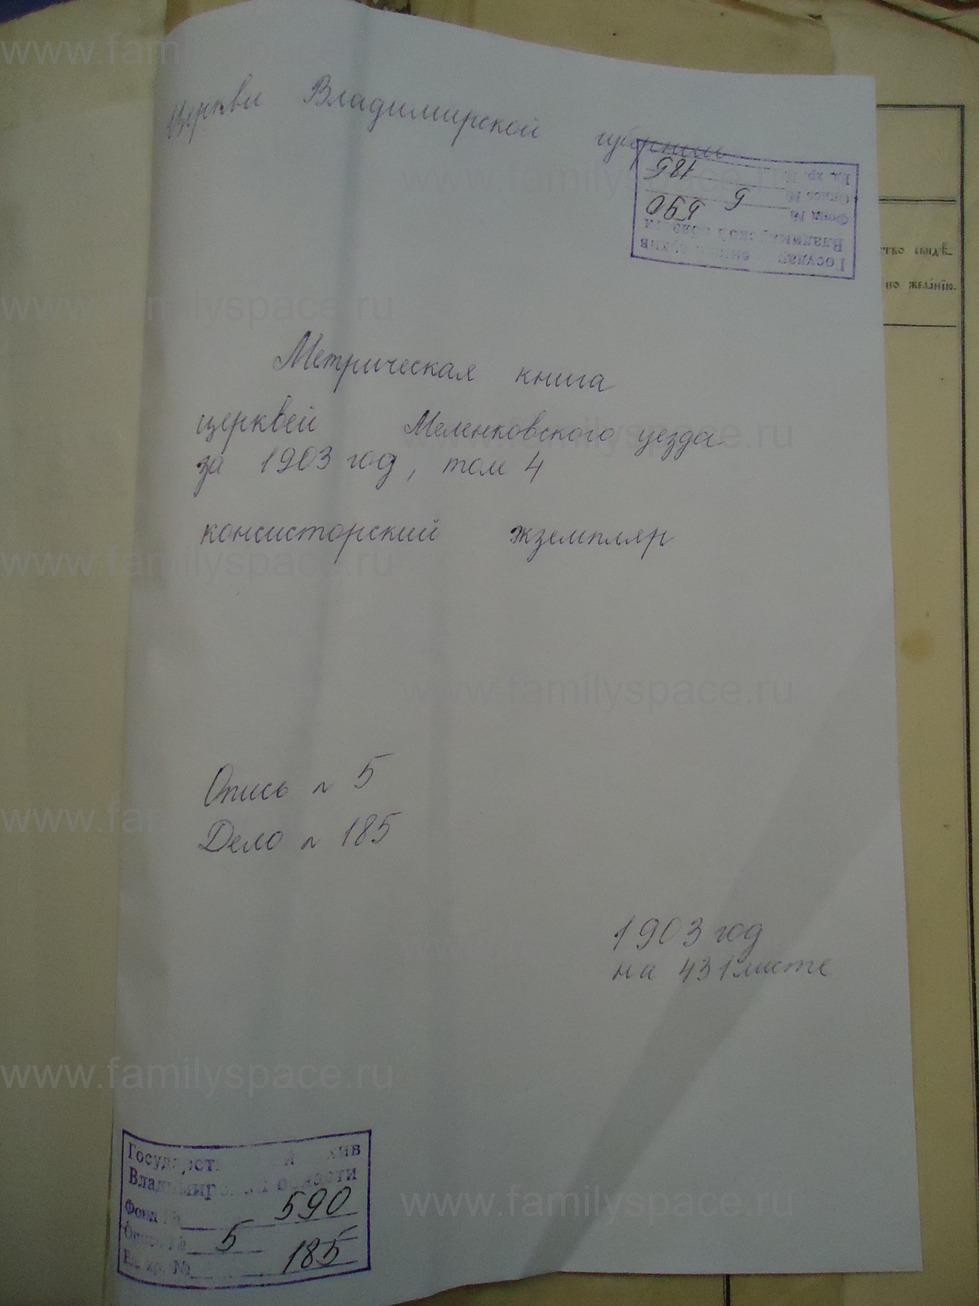 Поиск по фамилии - Метрическая книга церквей Меленковского уезда Владимирской губернии за 1903 год, т.4, страница 1